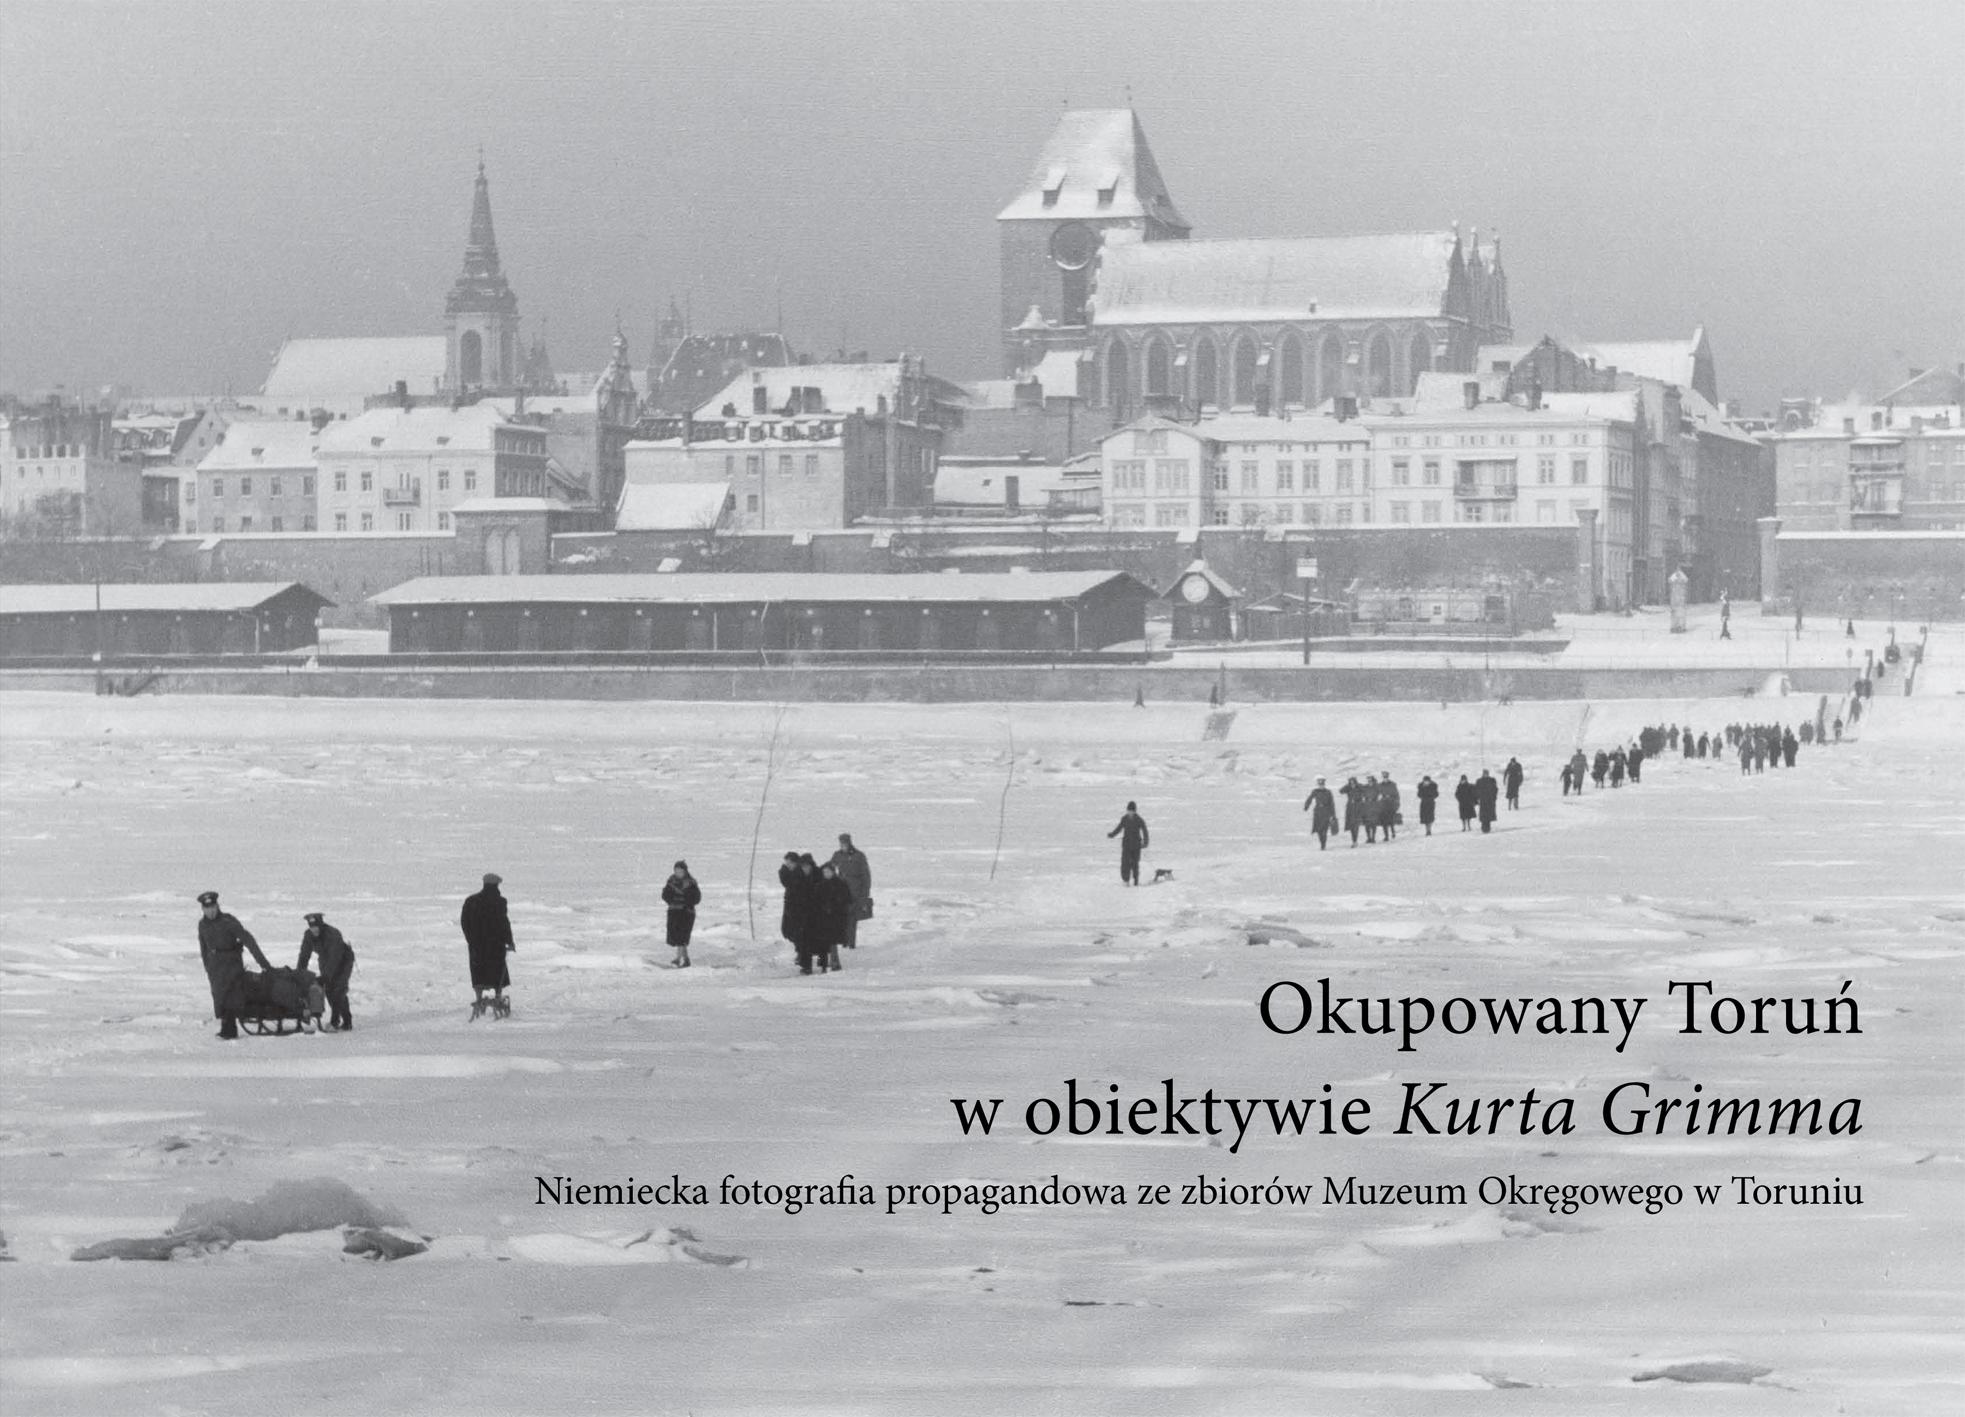 """""""Okupowany Toruń w obiektywnie Kurta Grimma"""" (źródło: materiały prasowe organizatora)"""